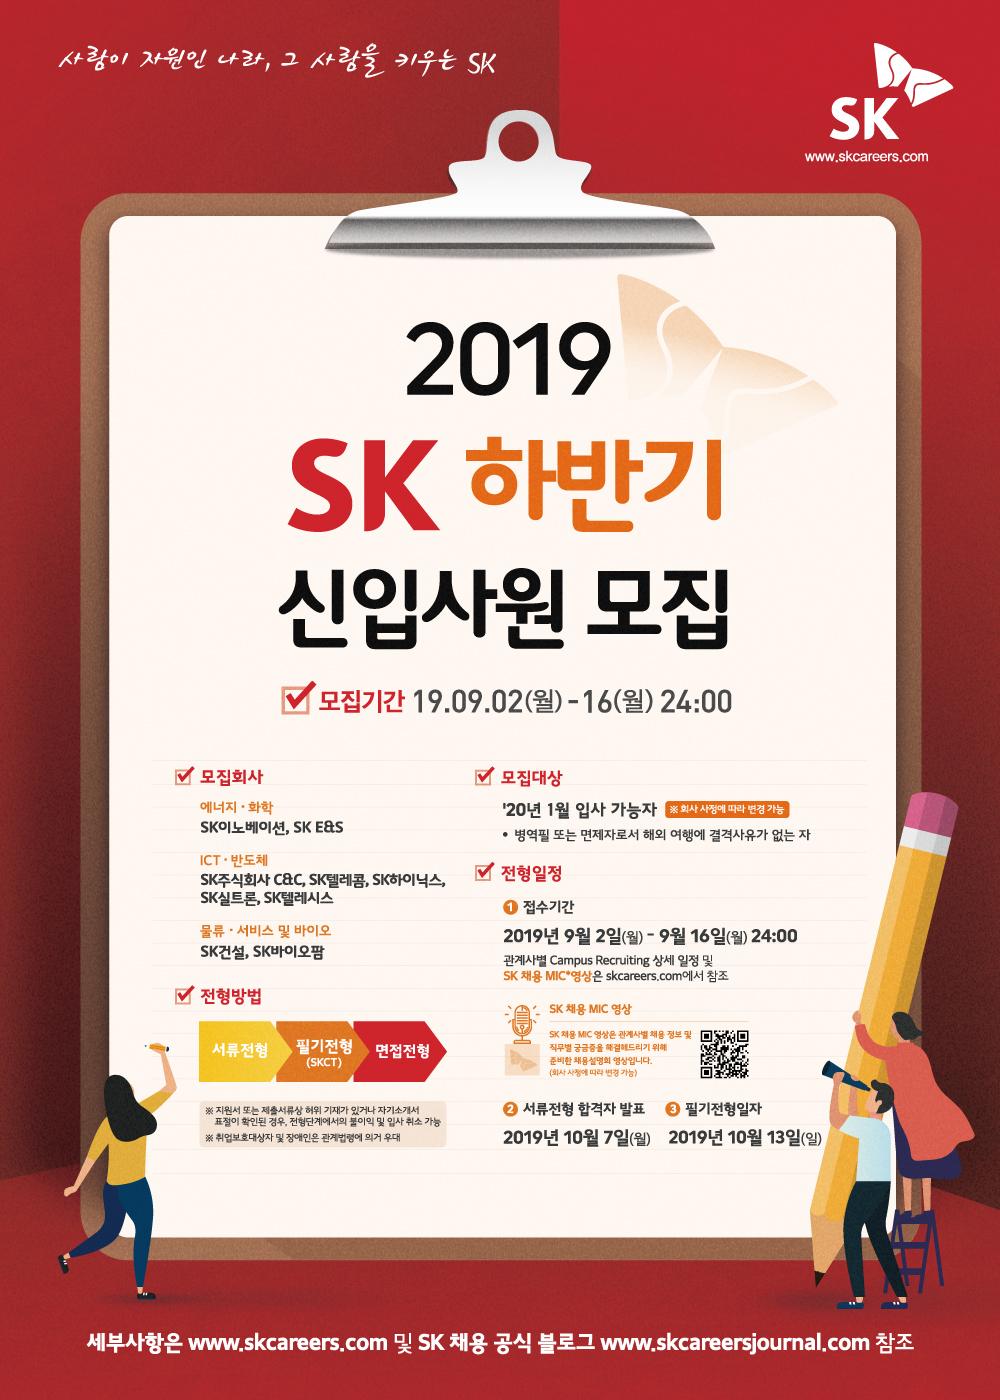 2019 SK 하반기 신입사원 모집 포스터.jpg